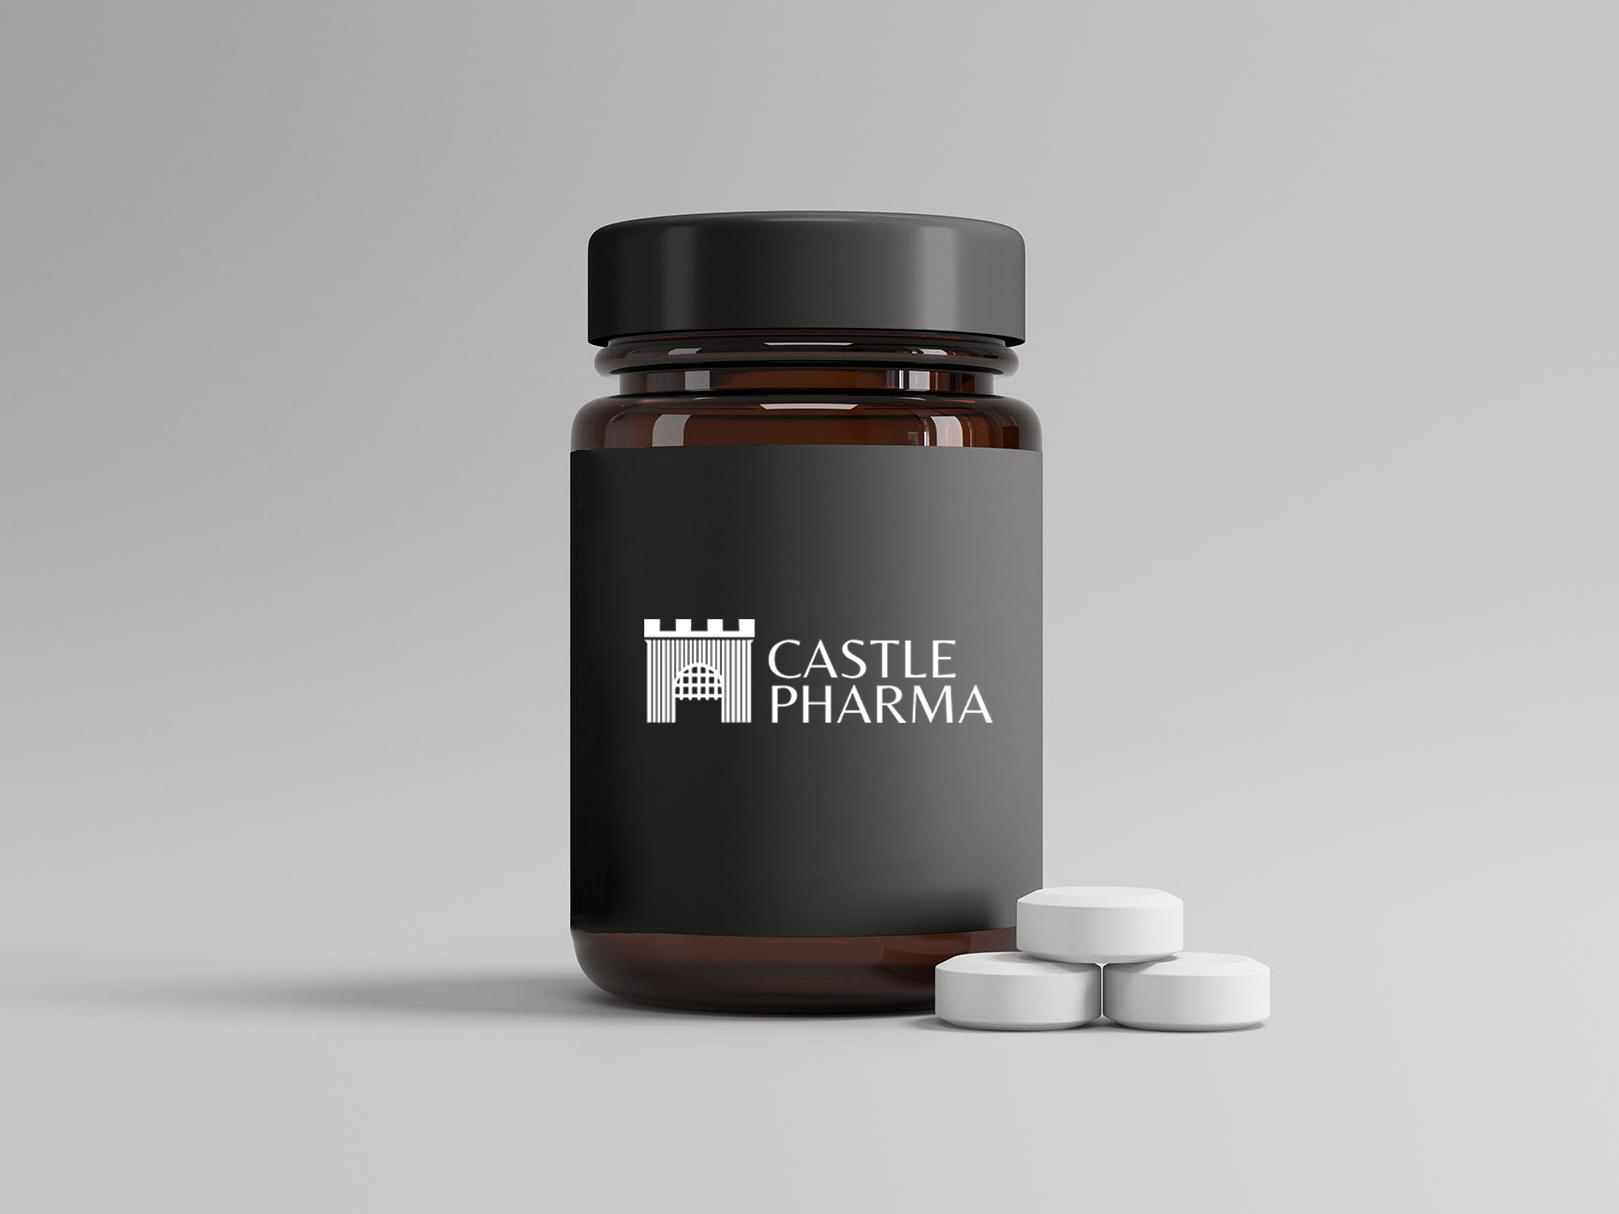 Brand Identity work for Castle Pharma